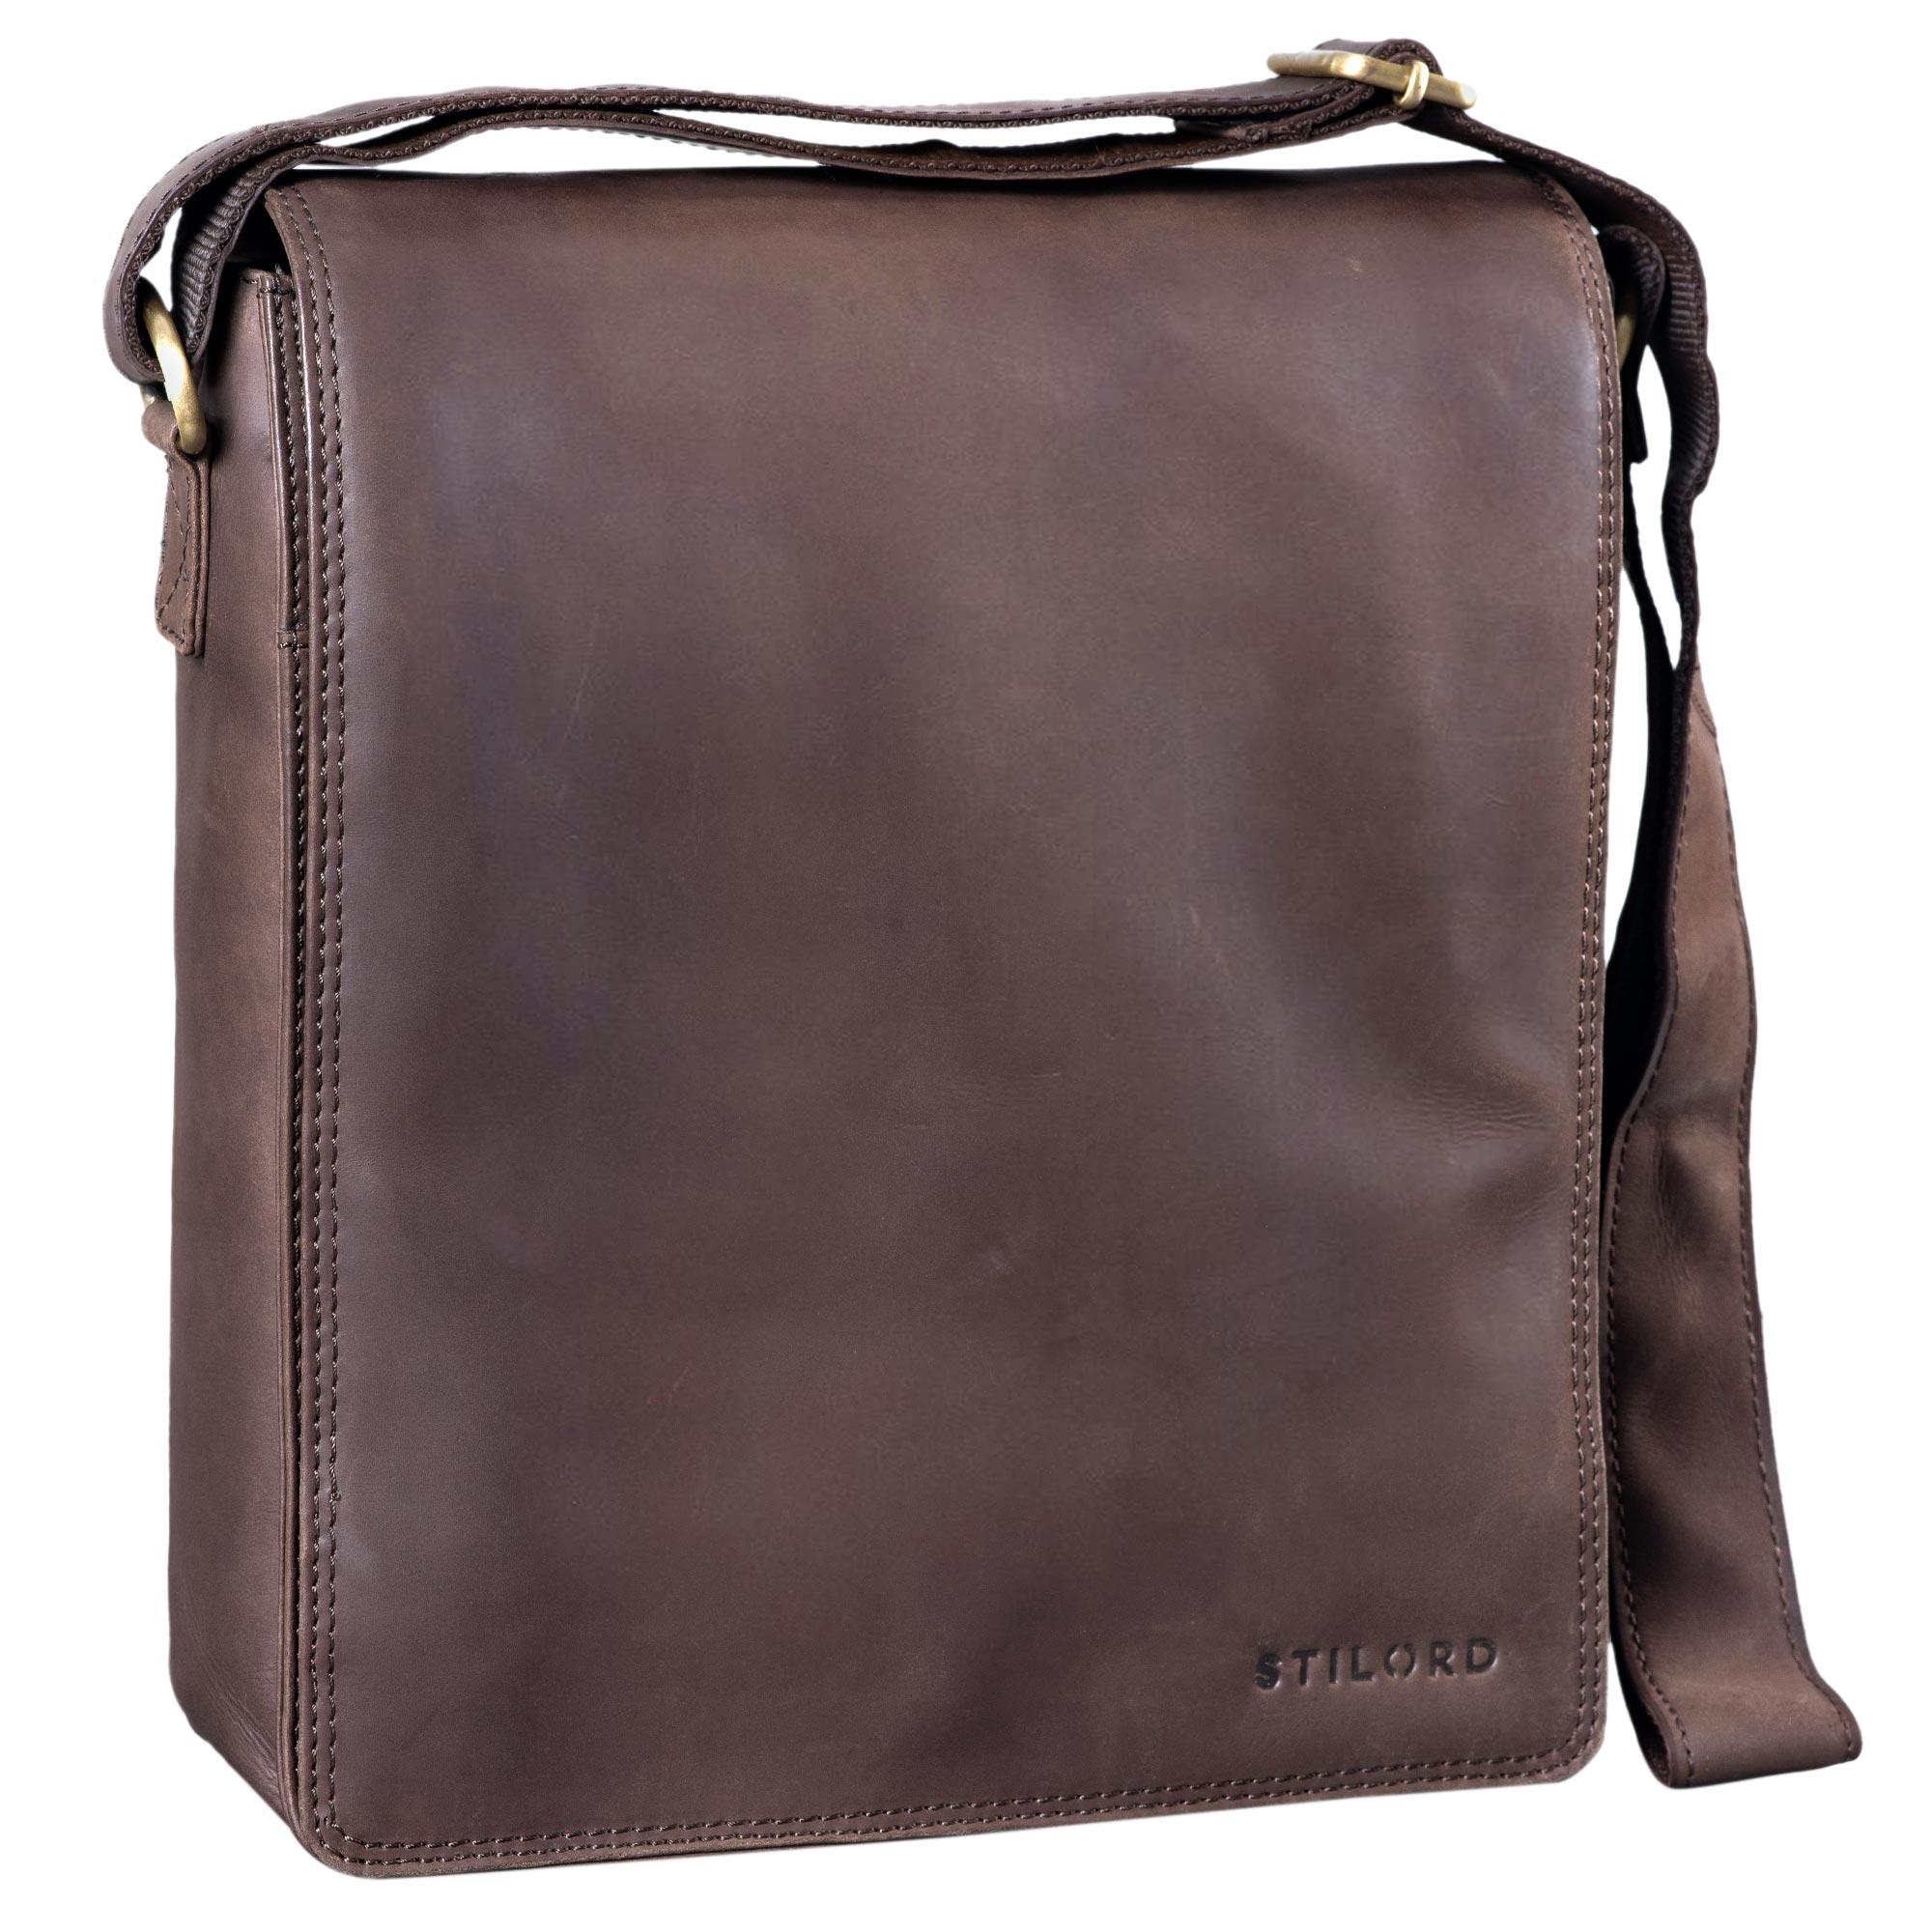 Farbe:Cognac STILORD Lars Vintage Umh/ängetasche Leder Herren f/ür 13,3 Zoll Tablet MacBooks und iPad Schultertasche Herrentasche Messenger Bag Echtleder braun